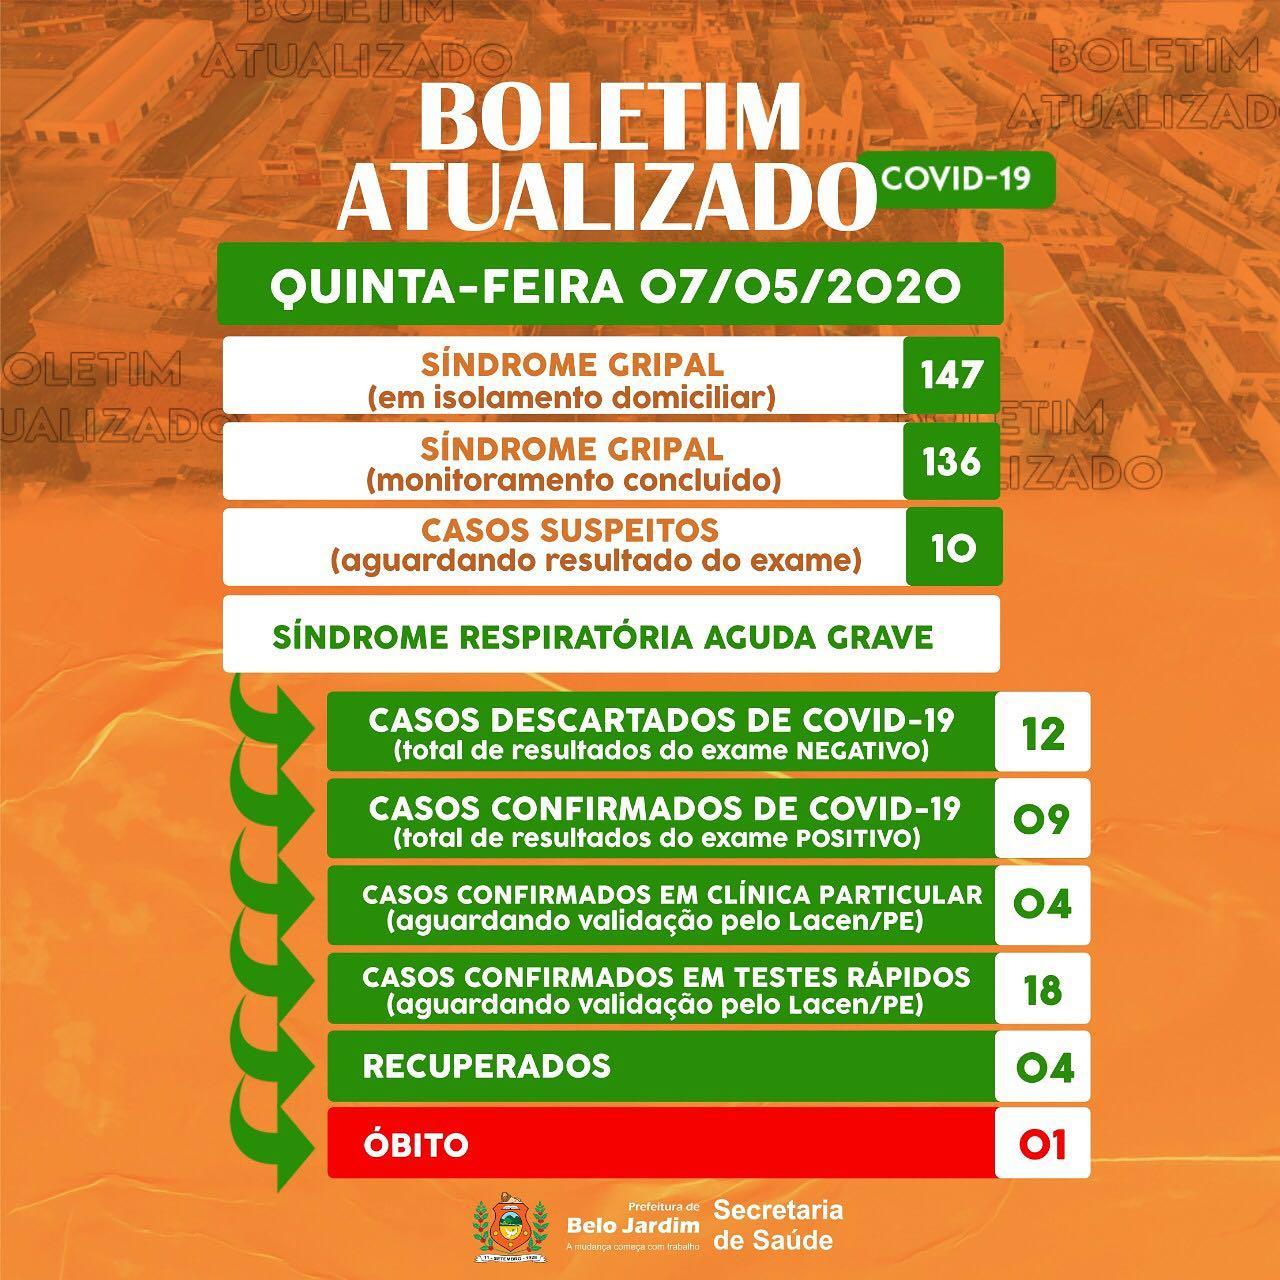 Boletim Epidemiológico divulgado pela Prefeitura de Belo Jardim é alvo de críticas